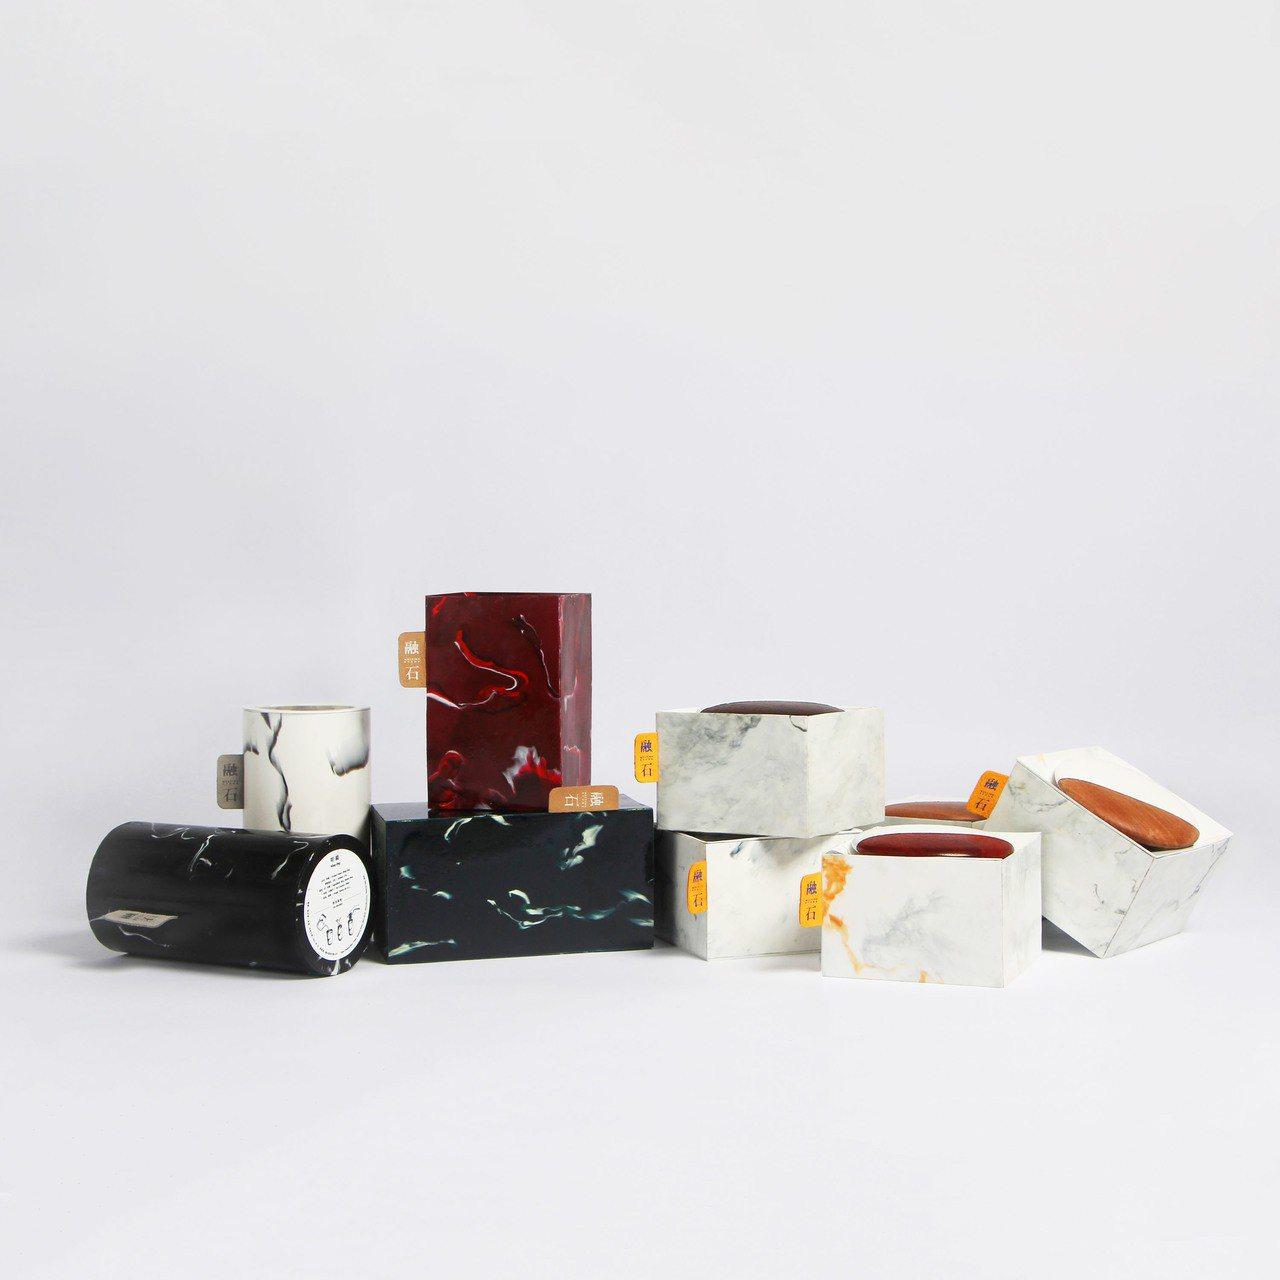 台灣藝術大學學生黃心薇等4人的作品「融石」,3日在東京獲得亞洲學生包裝設計競賽最...